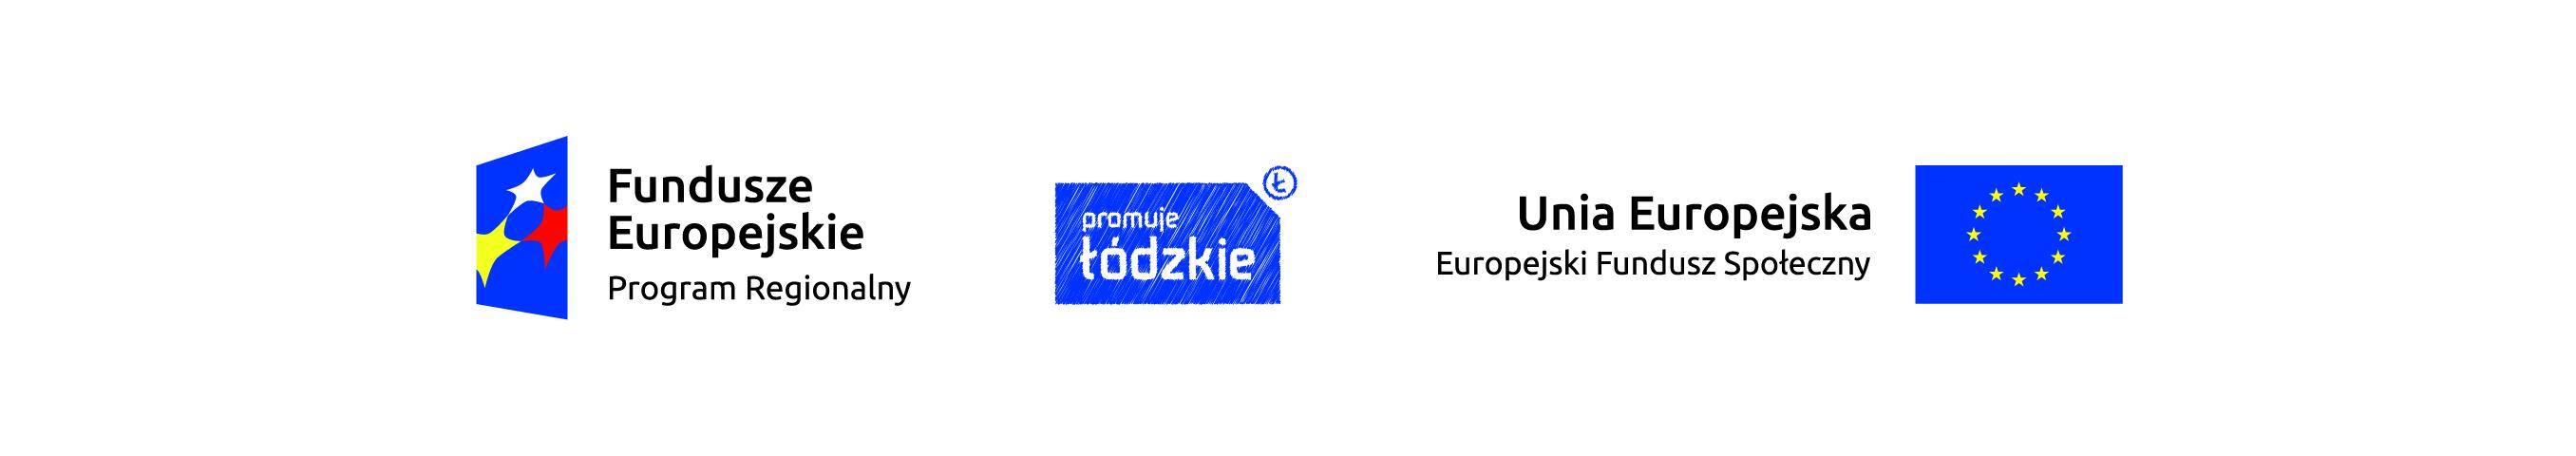 http://www.przedszkoleuniejow.szkolnastrona.pl/container///logotypy-kol-efs-pl.jpg